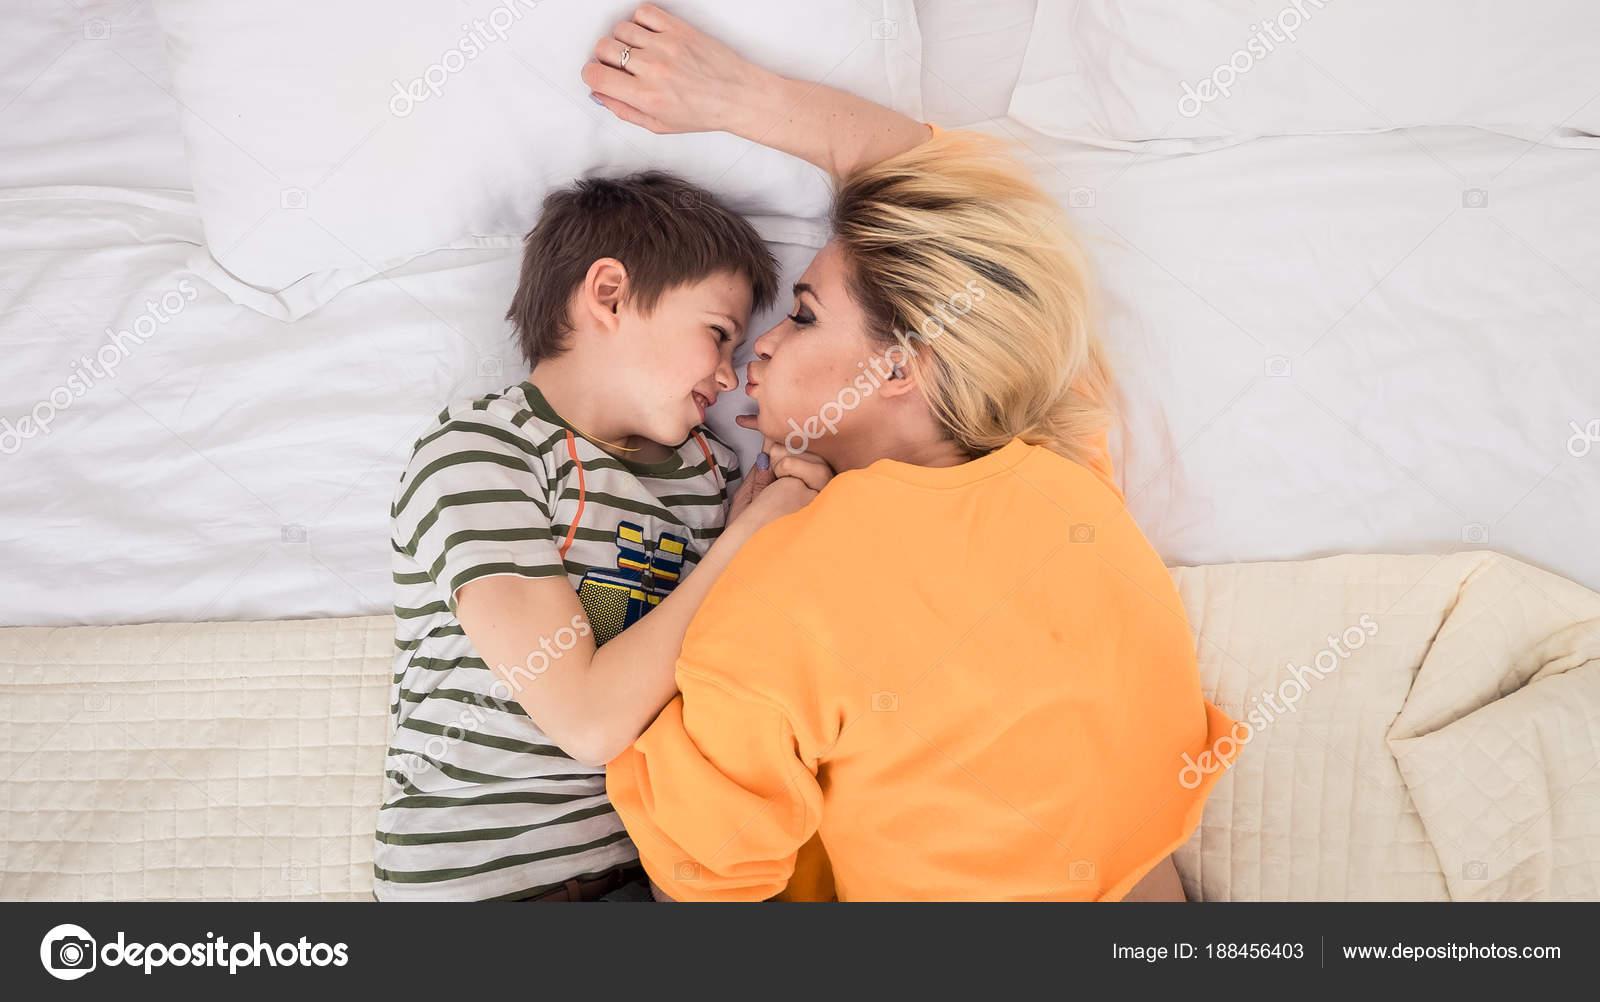 Нежный Секс Сына С Мамой Видео